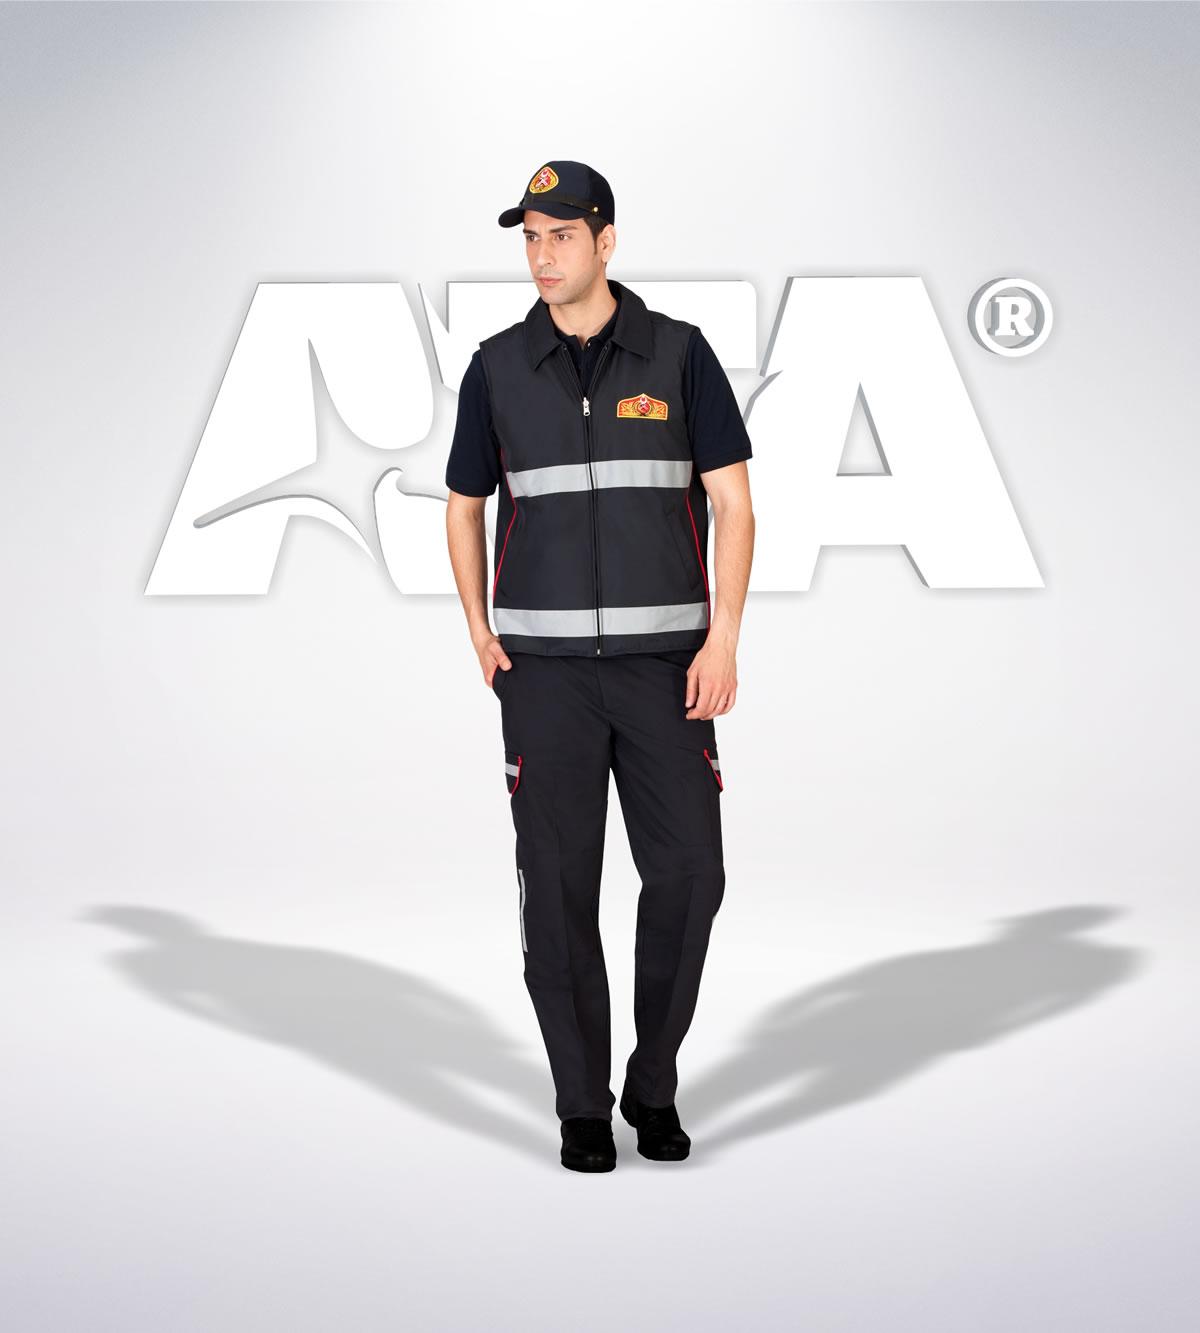 ATA 304 - Pantolon ribstop -reflektör- yelek - aksesuar - itfaiye elbiseleri | itfaiye üniformaları | itfaiye kıyafetleri